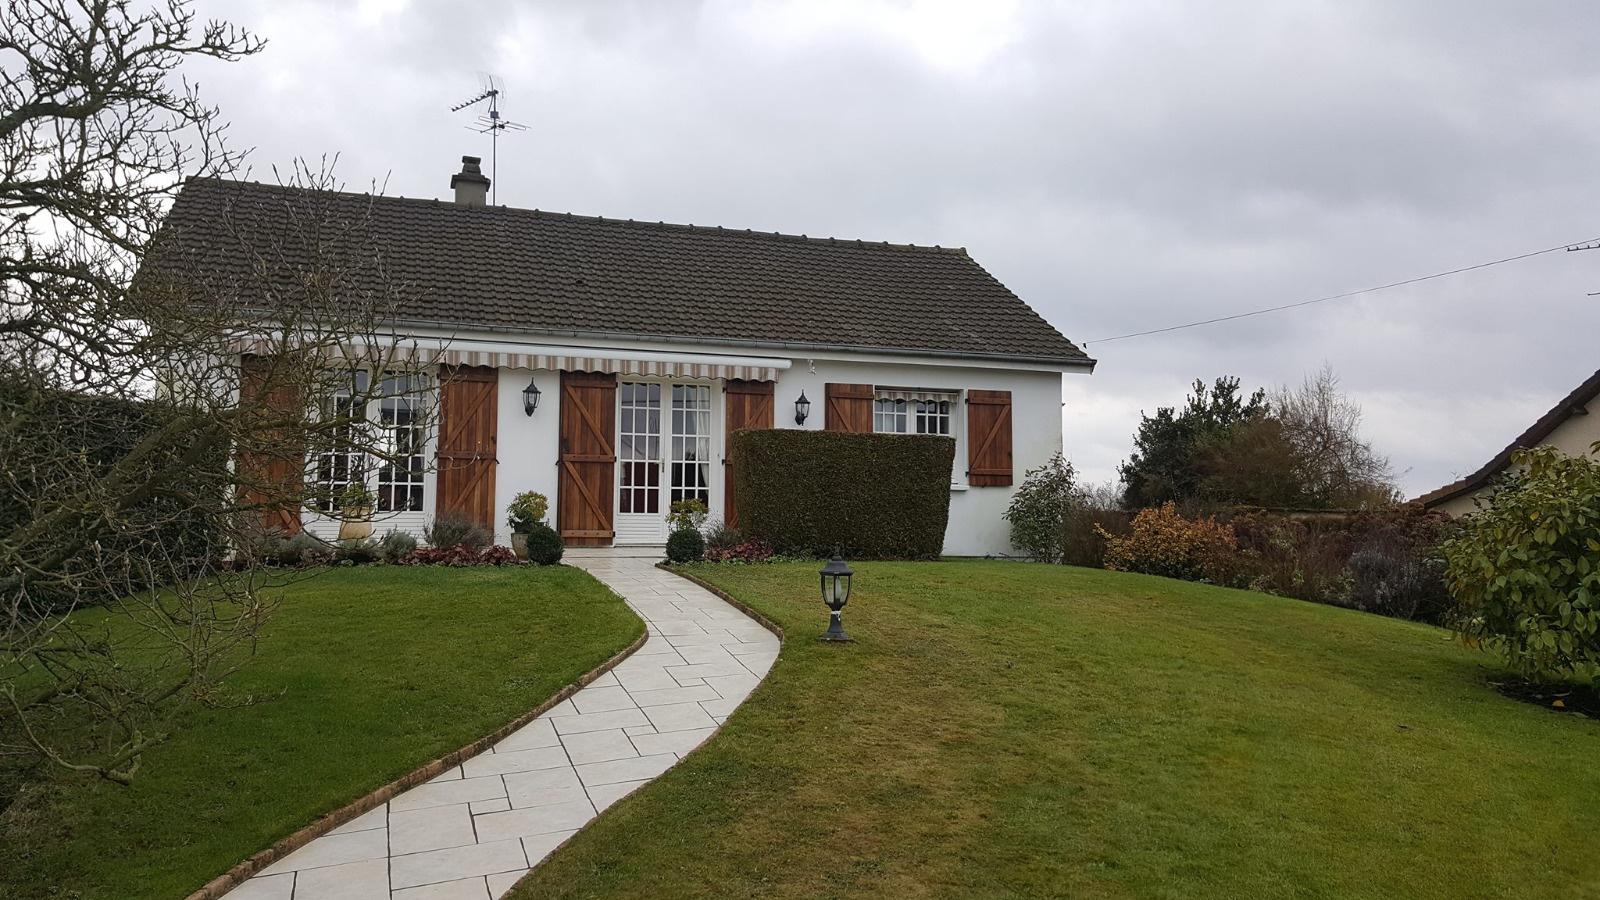 Vente maison individuelle proche bourg achard for Vente maison individuelle wasquehal